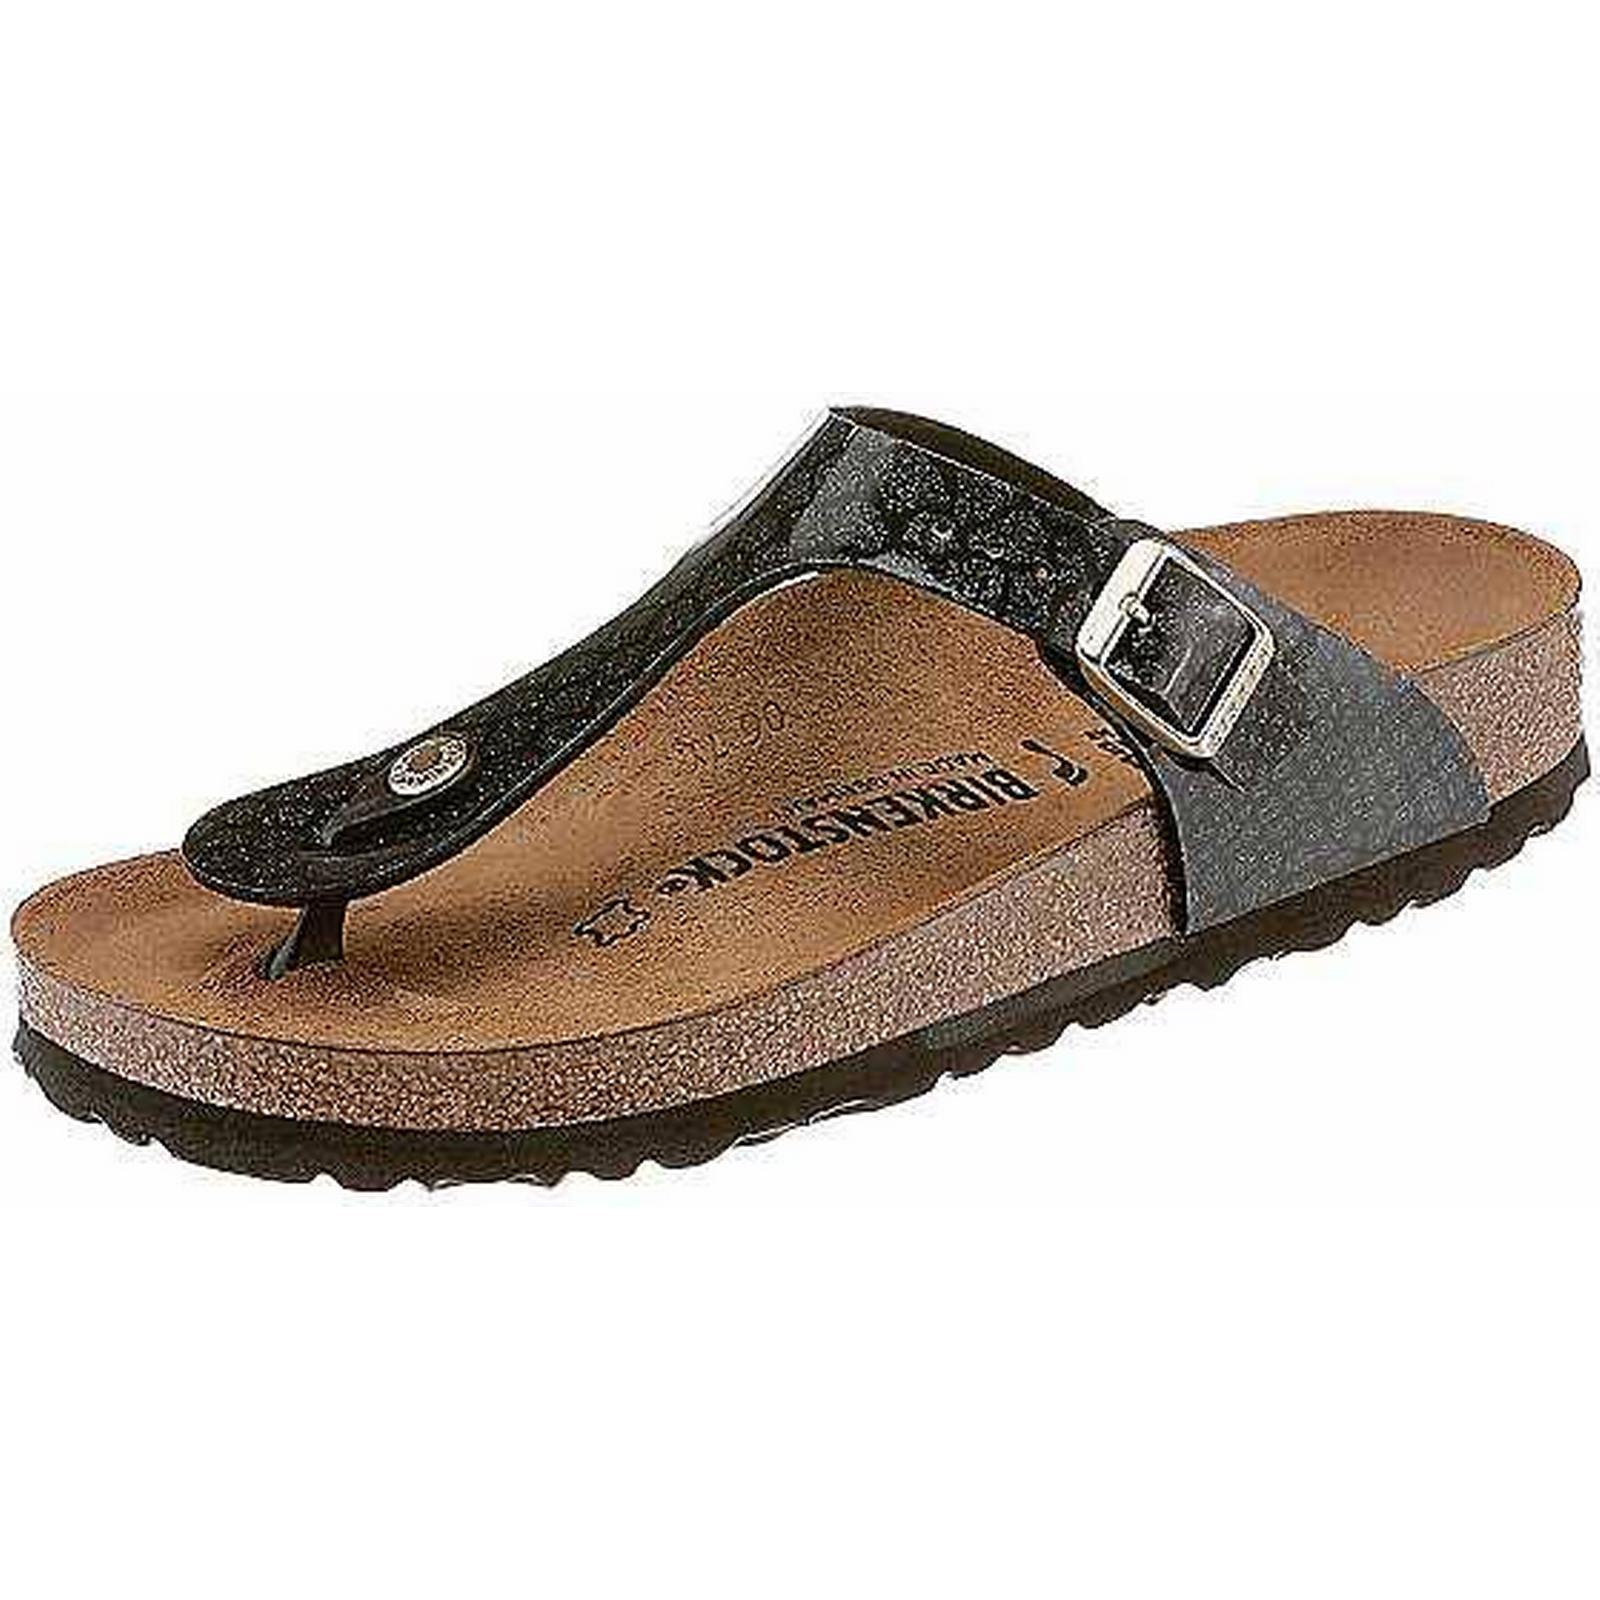 Birkenstock 'Gizeh' Birkenstock:Gentlemen/Ladies:Shopkeeper Toe Post Sandals by Birkenstock:Gentlemen/Ladies:Shopkeeper 'Gizeh' 9e6e1f